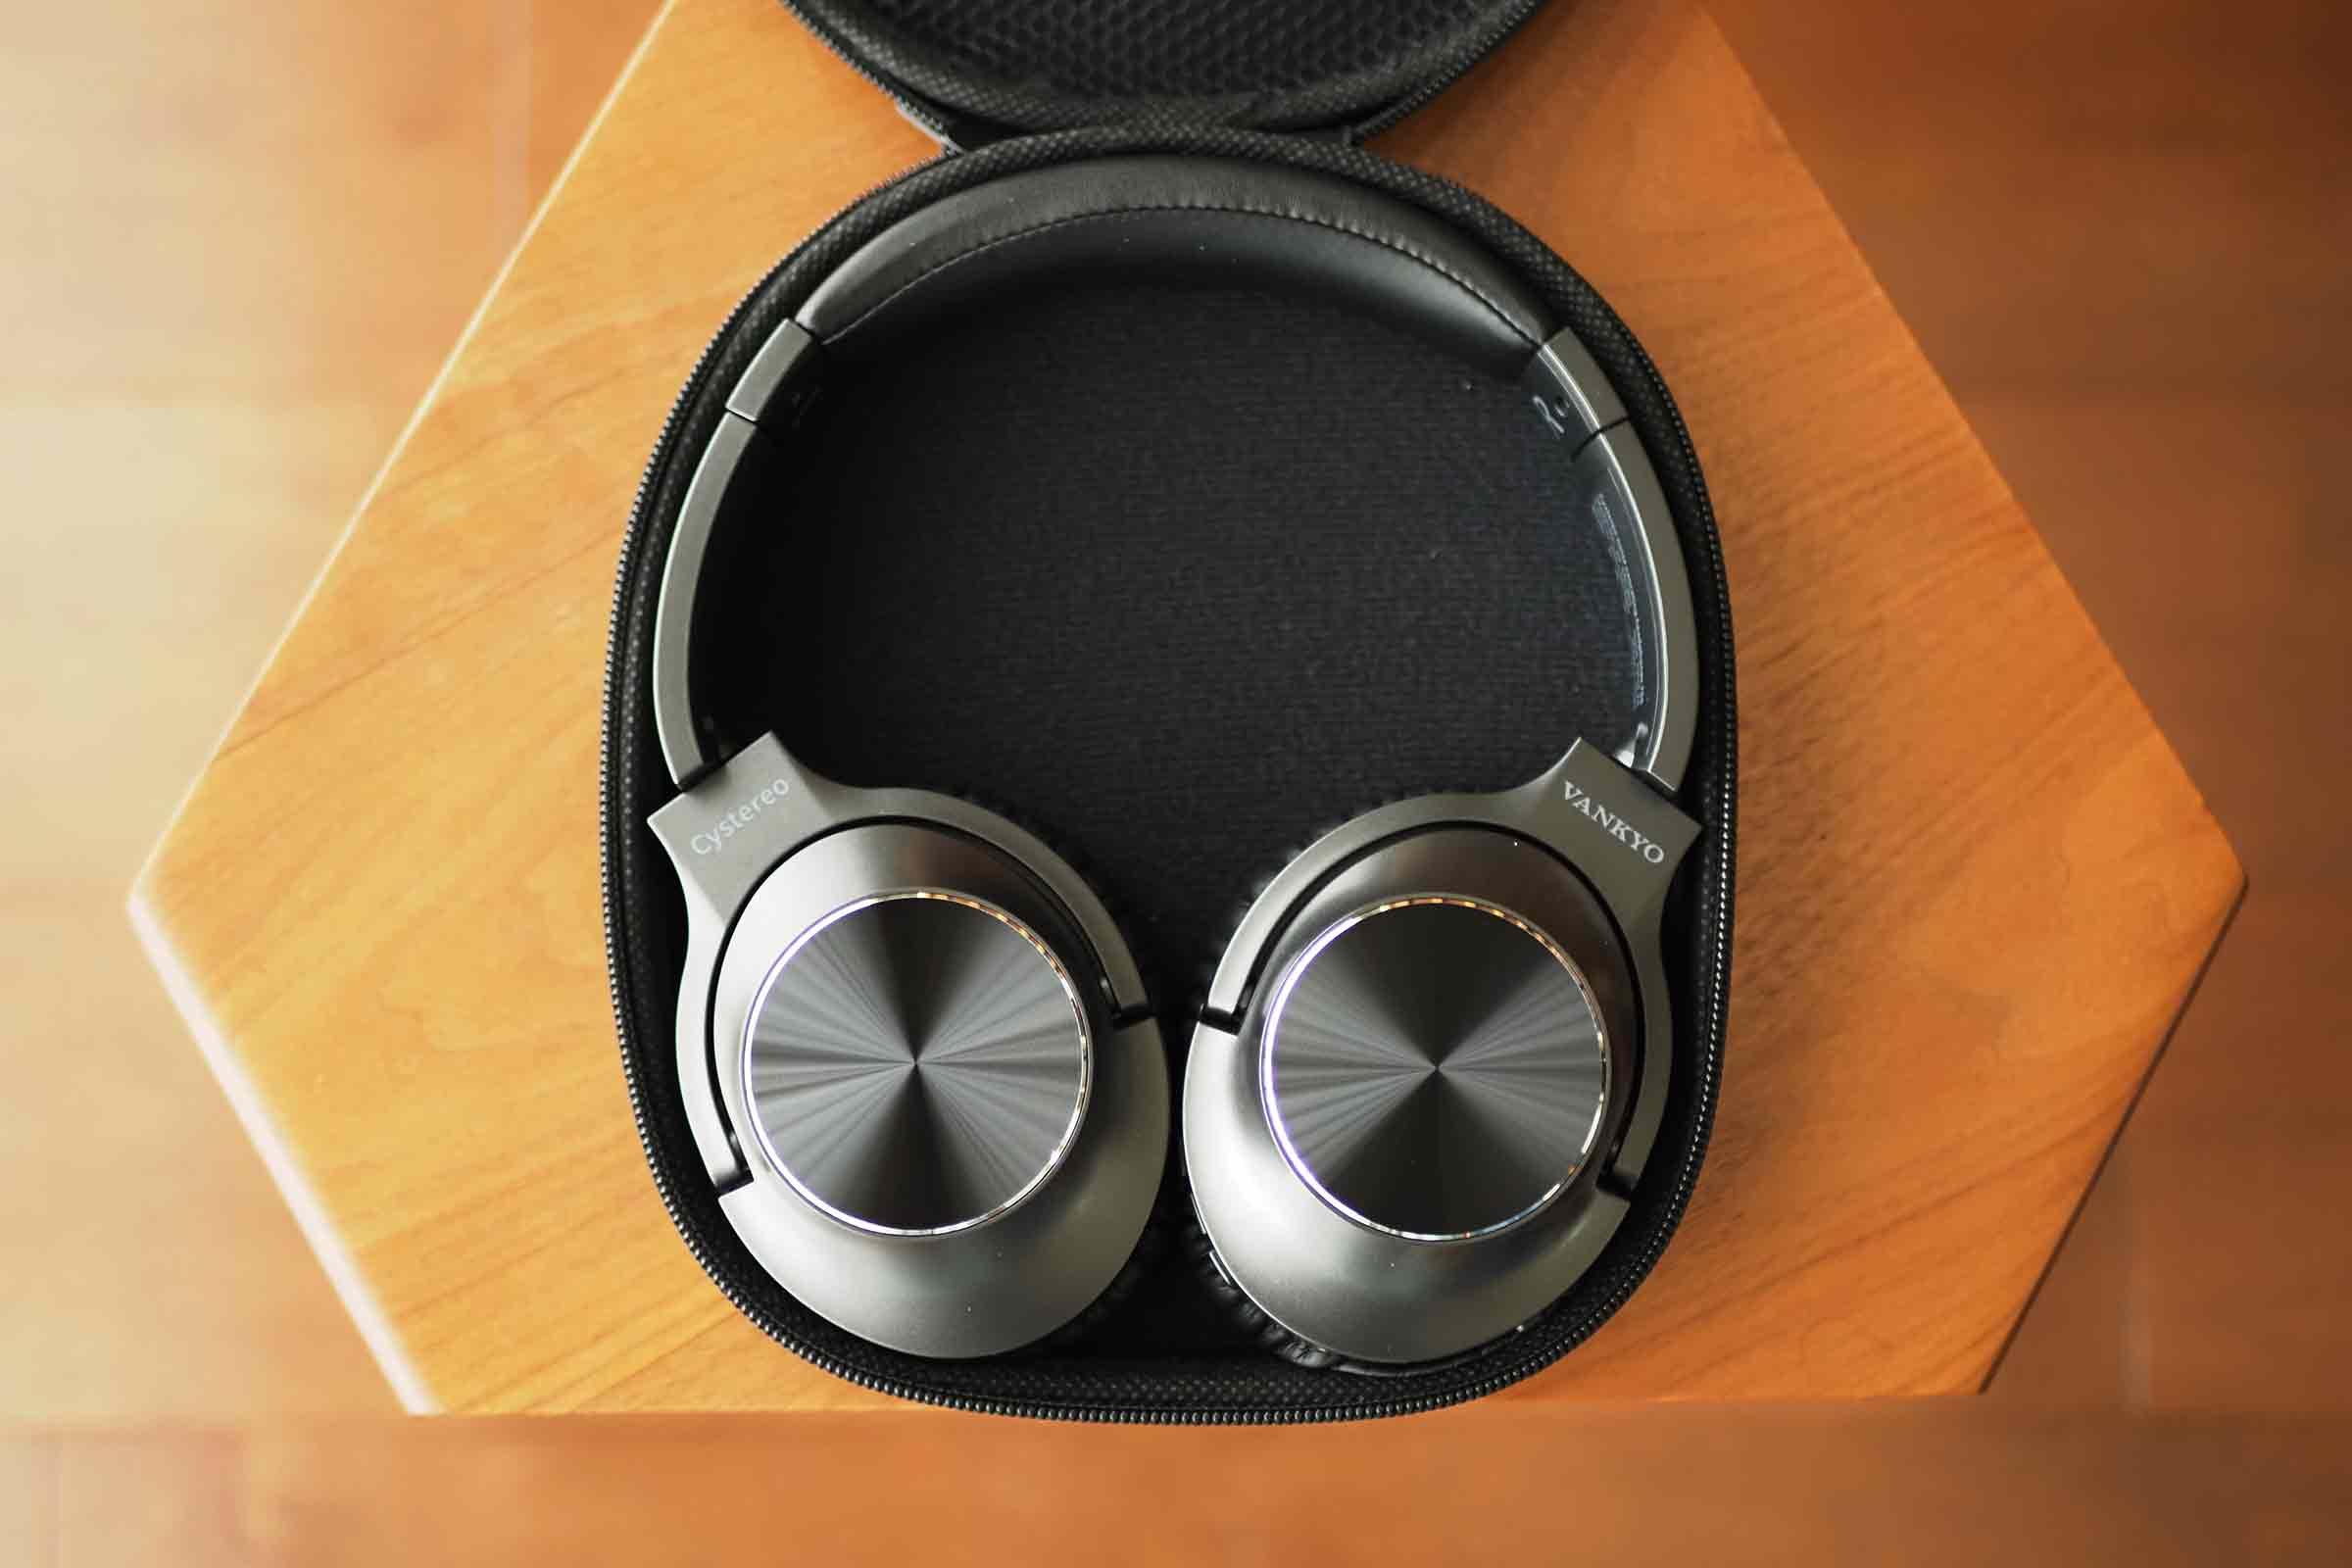 ワイヤレスイヤホン,ワイヤレスヘッドホン,vankyo,ノイズキャンセリング,音質,高音質,低音,安い,かっこいい